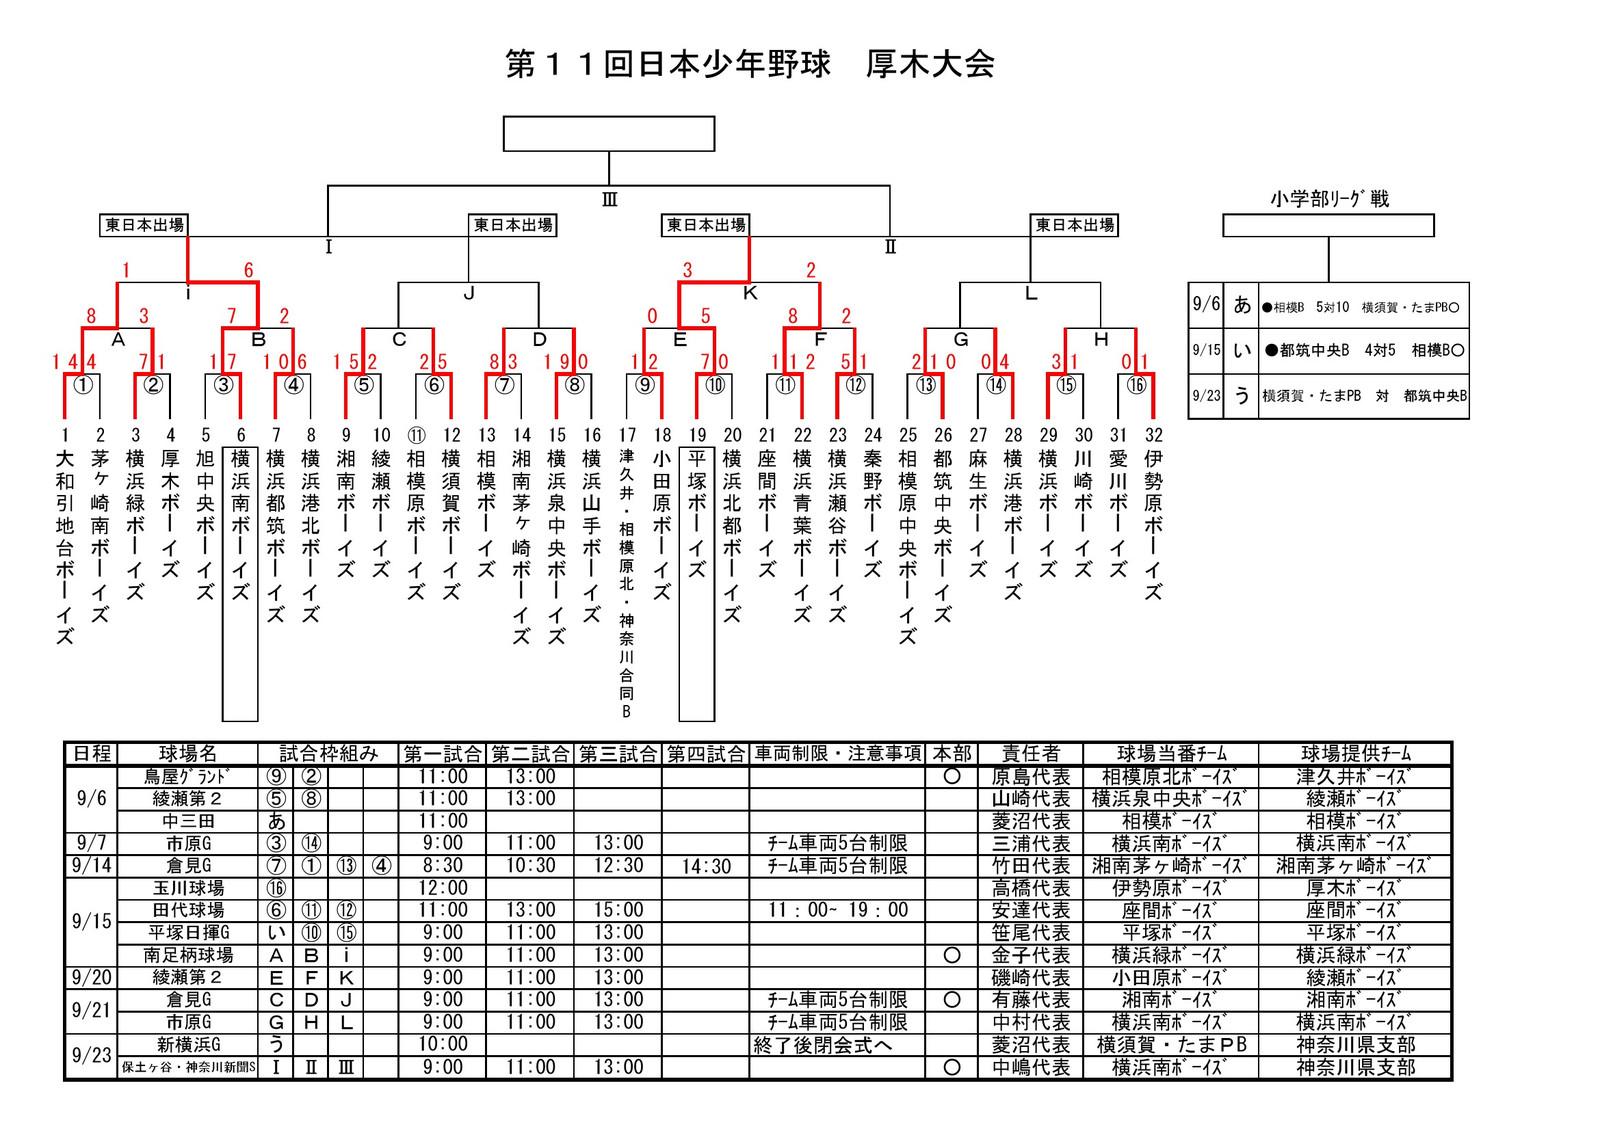 20140920_atsugi